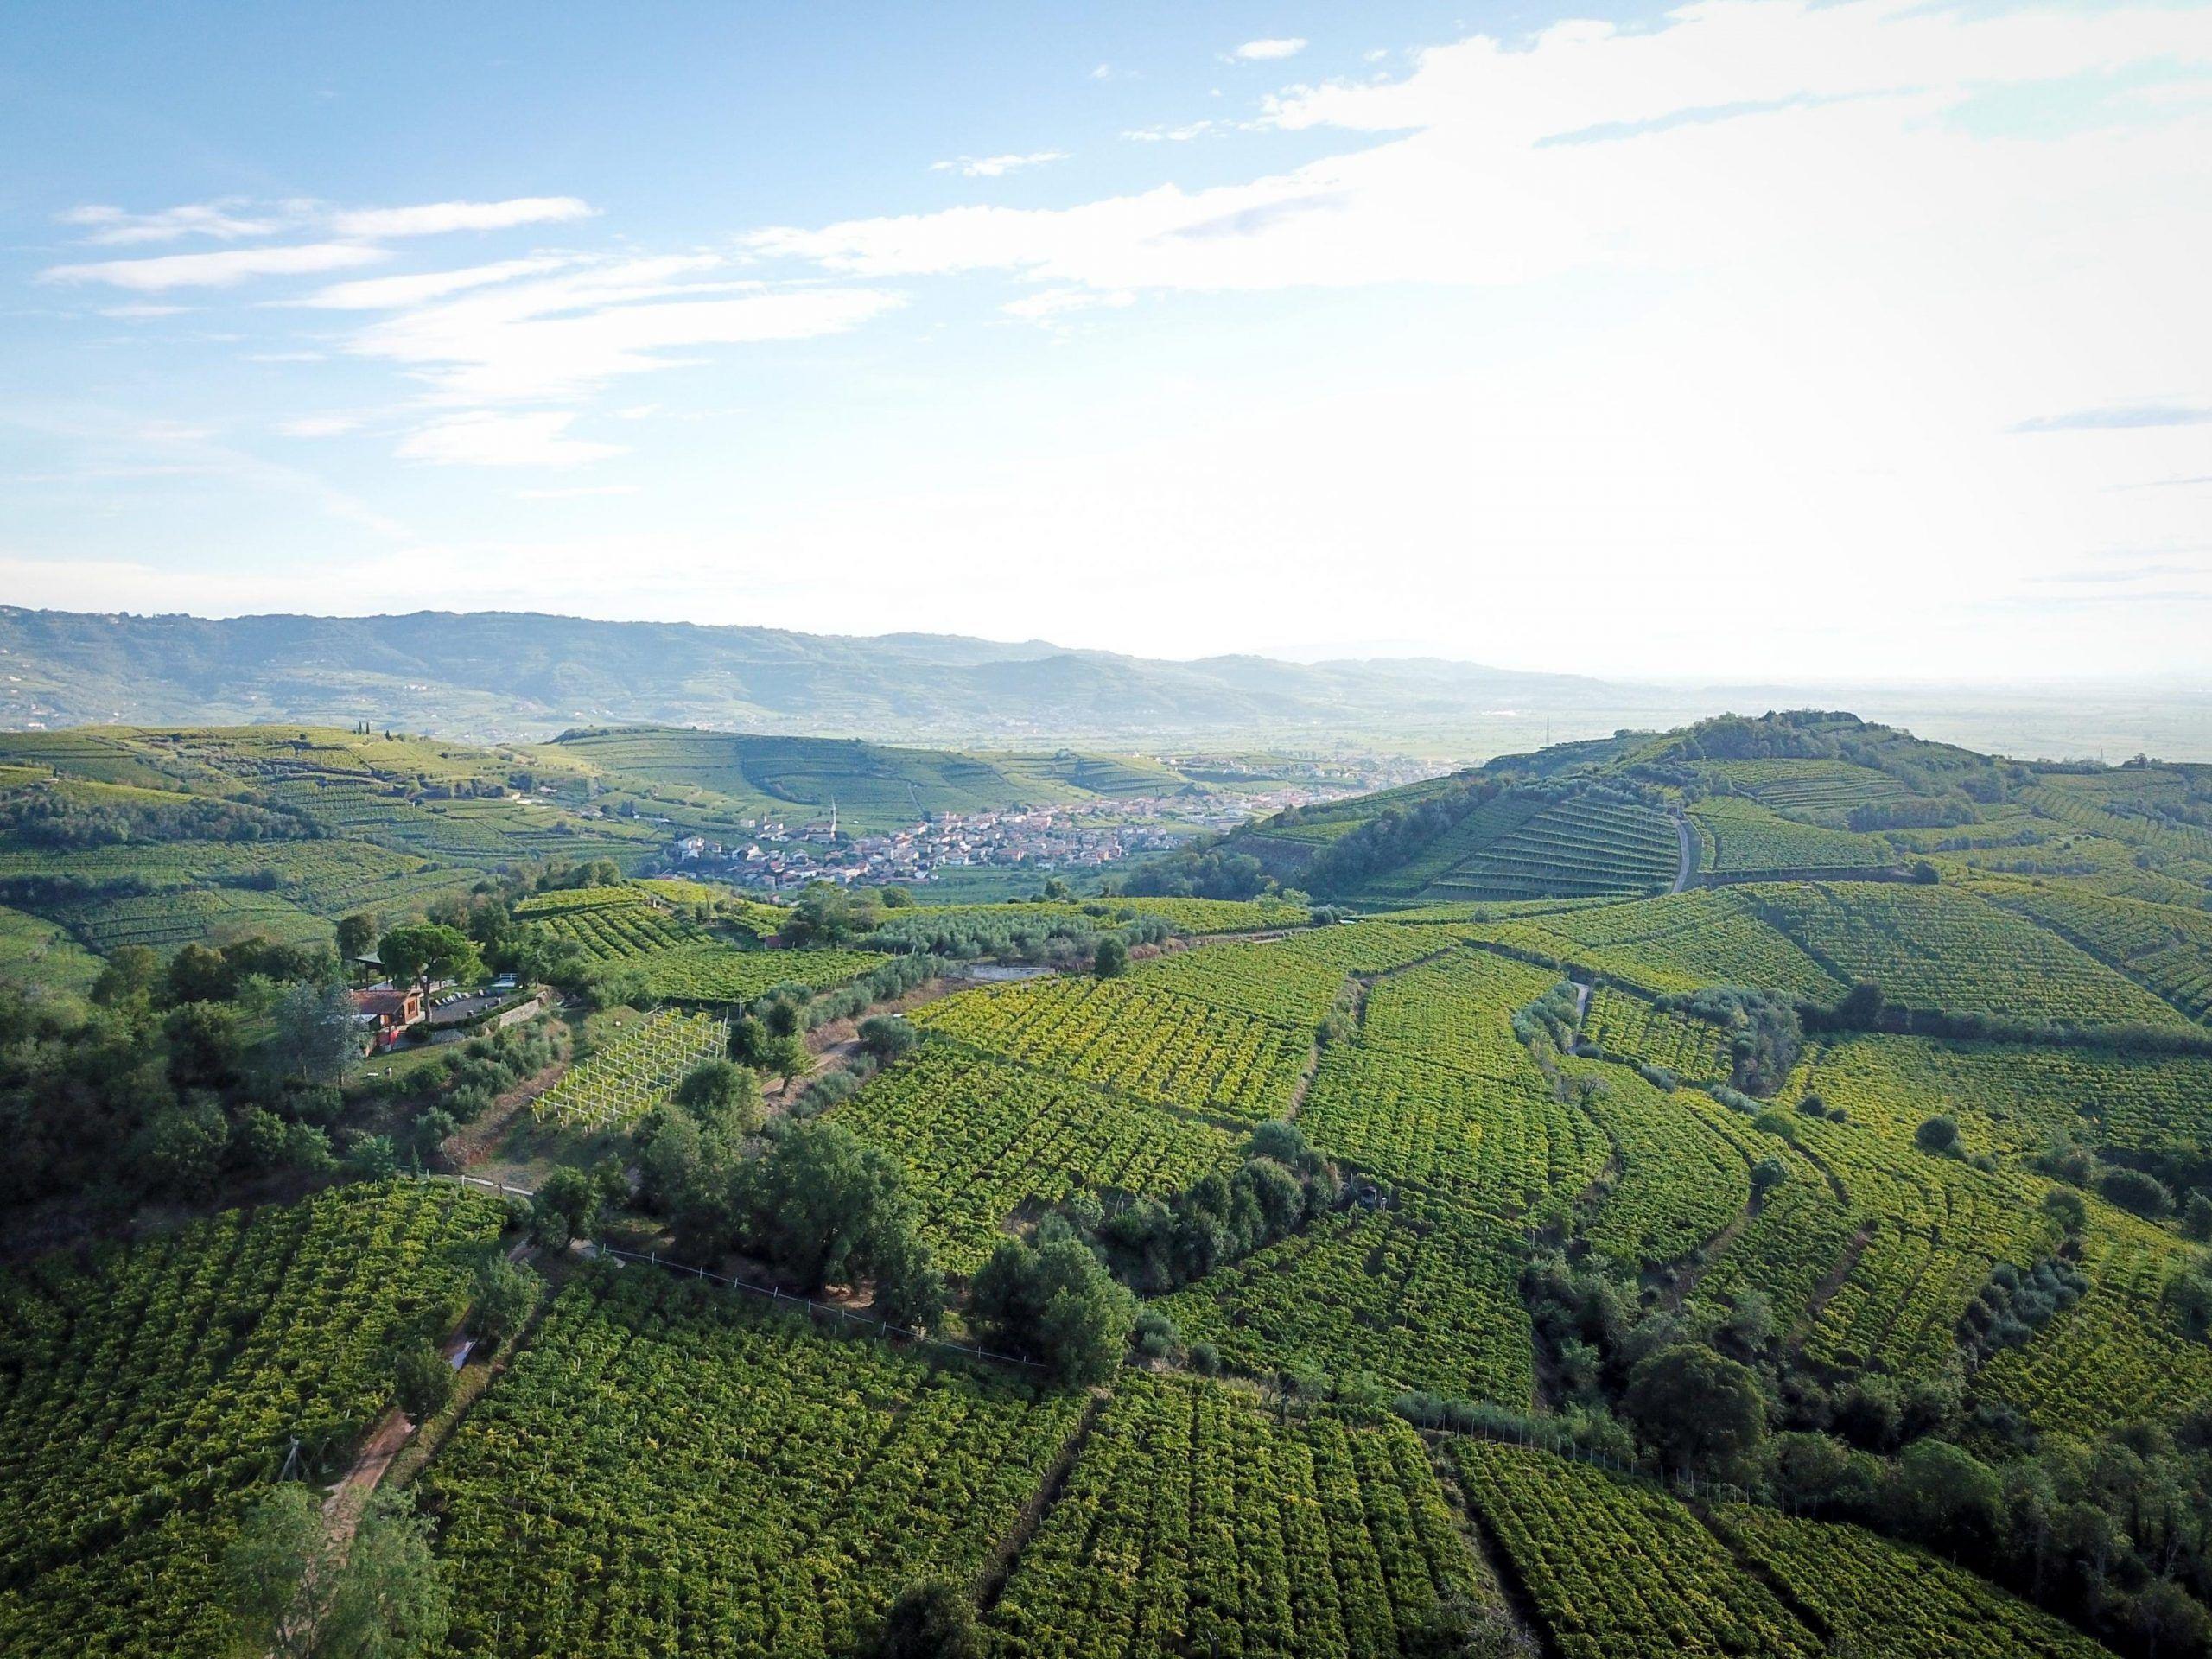 Agricoltura: la ricetta è investire in territorio, infrastrutture e innovazione